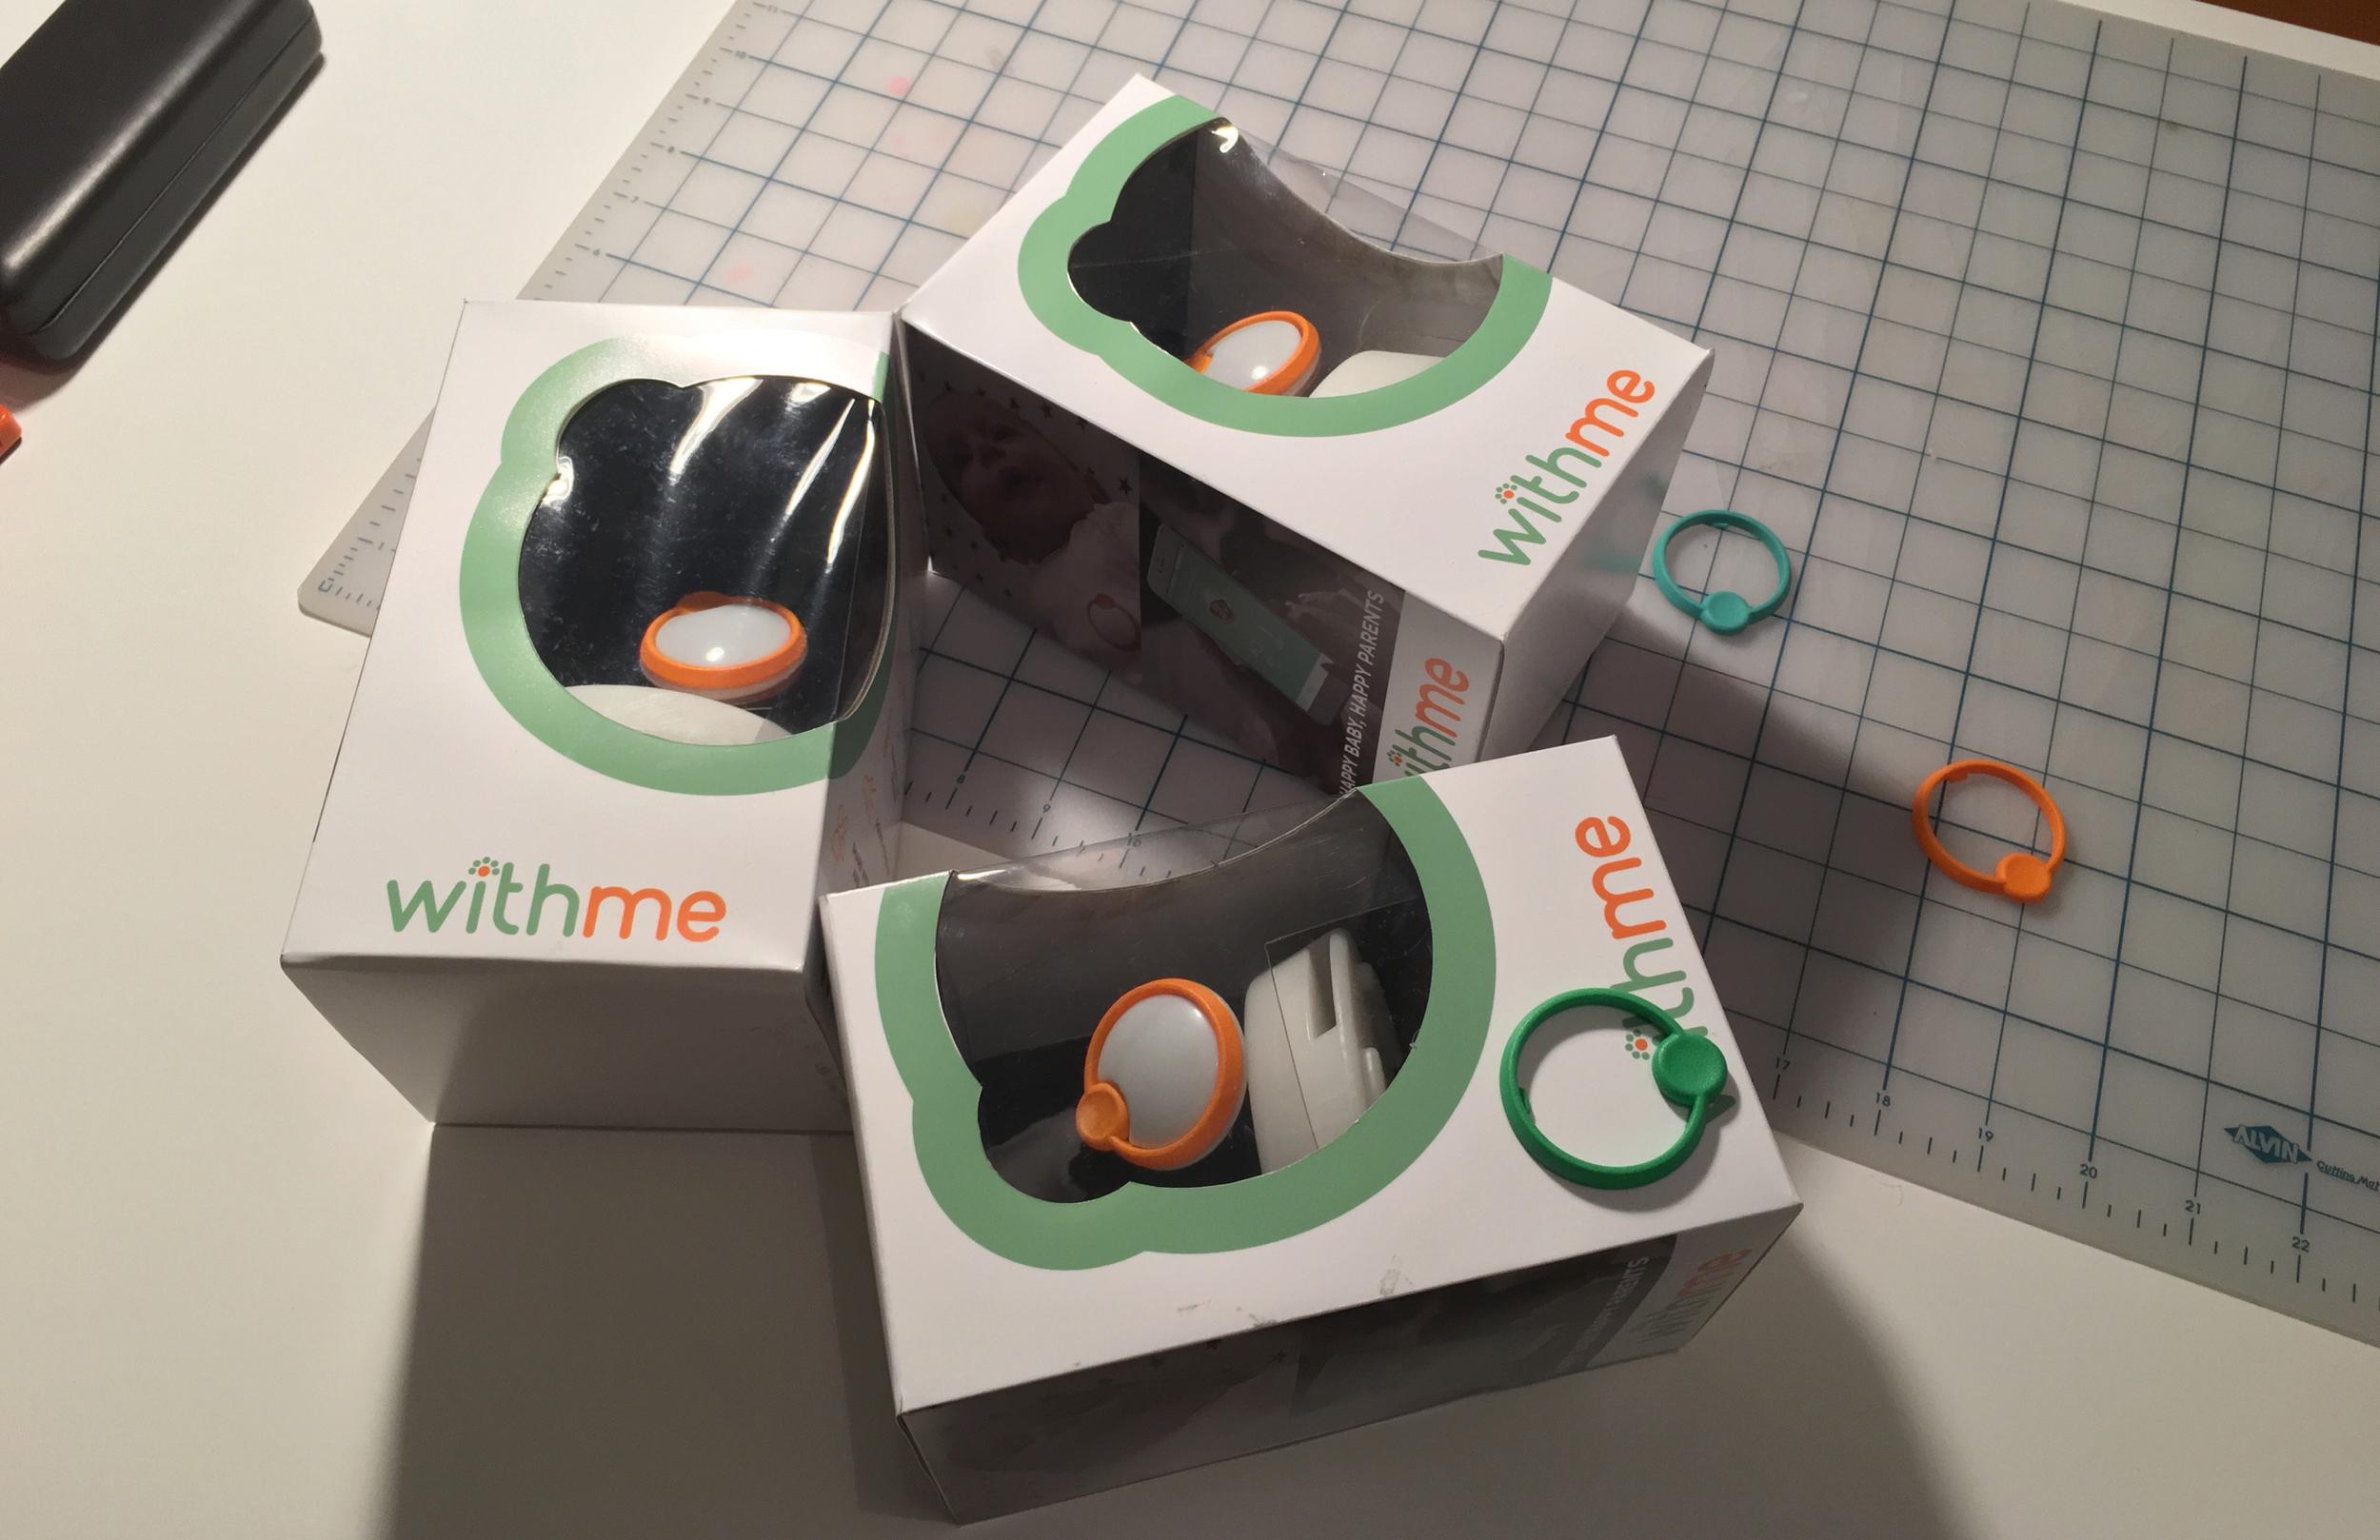 WithMe-15.jpg